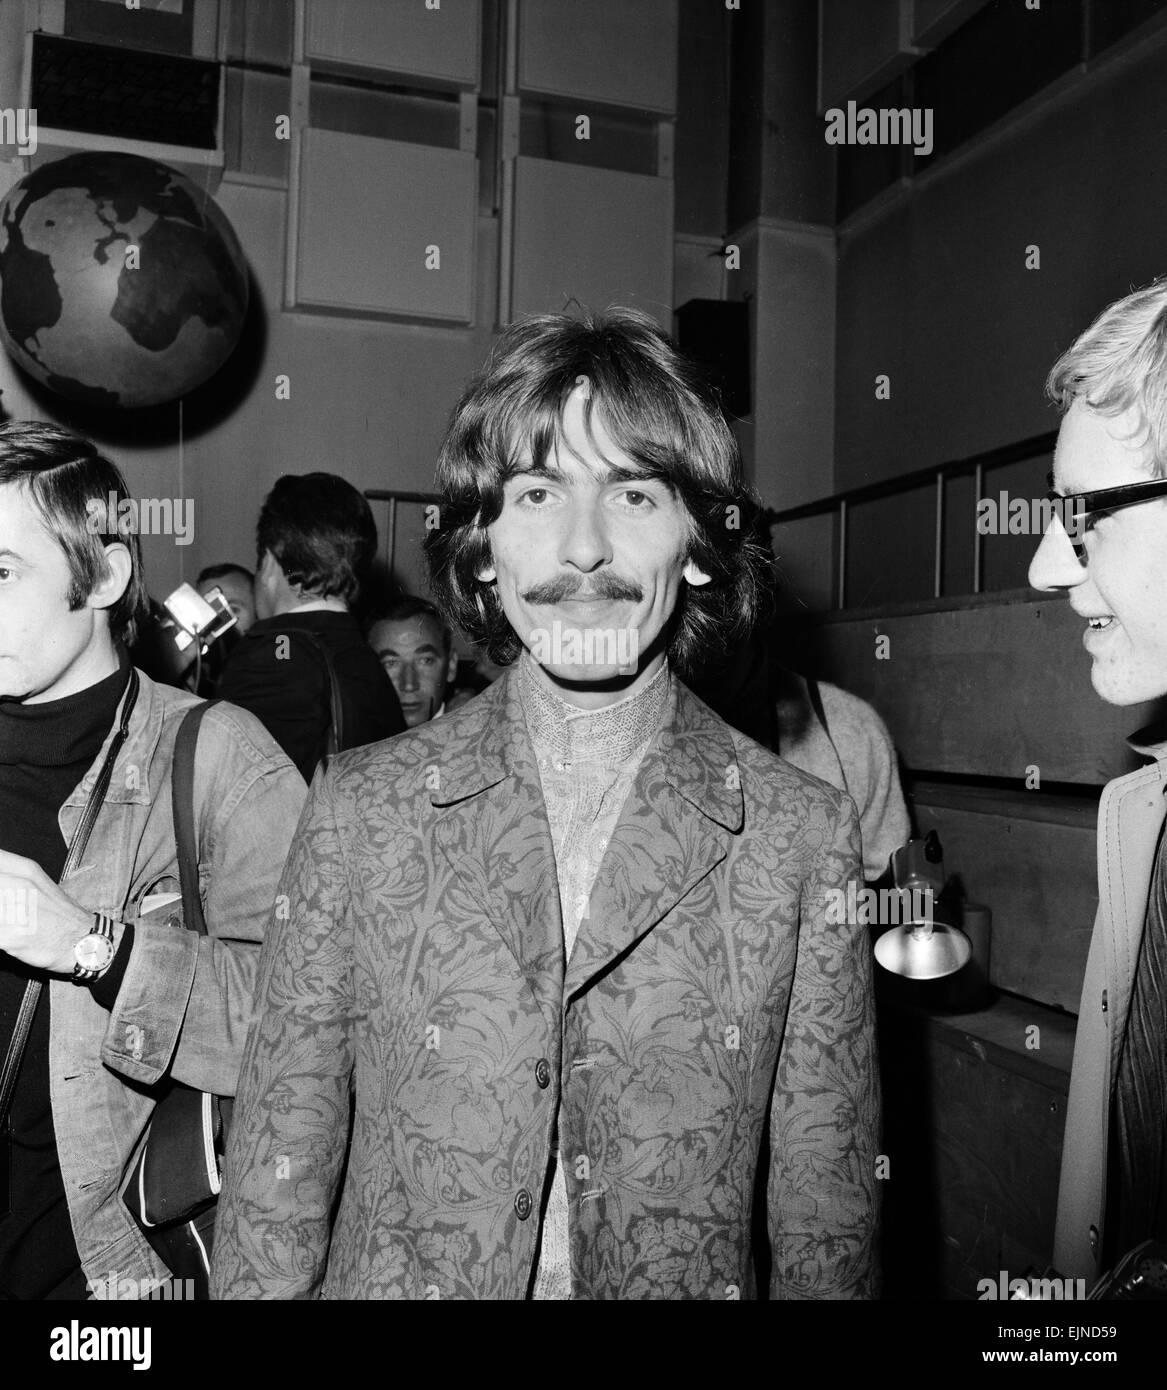 """Drücken Sie anrufen für unsere Welt, die erste globale Phasenfernsehen Link. In 26 Länder übertragen und von 400 Millionen beobachtet, wurde das Programm am 25. Juni 1967 via Satellit ausgestrahlt. Die BBC hatte die Beatles, einen Song für das Vereinigte Königreich Beitrag schreiben beauftragt. """"All You Need Is Love"""" ein Lied von John Lennon geschrieben und gutgeschrieben Lennon/McCartney wurde zuerst von den Beatles bei dieser Veranstaltung durchgeführt & im Folgemonat als Single veröffentlicht. Abgebildet in den Abbey Road Studios 24. Juni 1967. Stockfoto"""